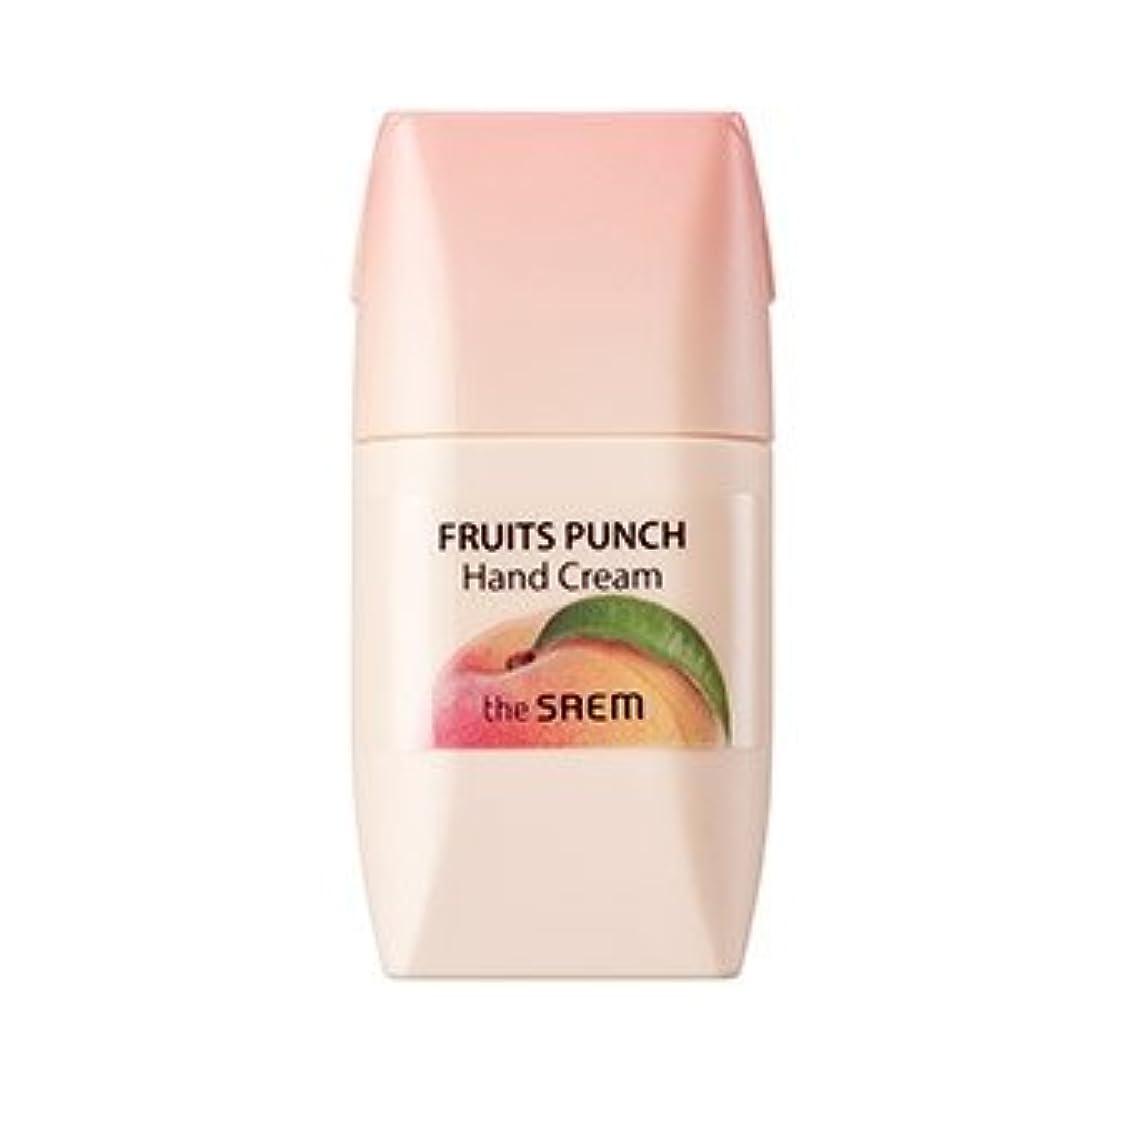 ファーザーファージュ偽物取り替えるthe SAEM Fruits Punch Hand Cream 50ml/ザセム フルーツ ポンチ ハンドクリーム 50ml (#Peach) [並行輸入品]